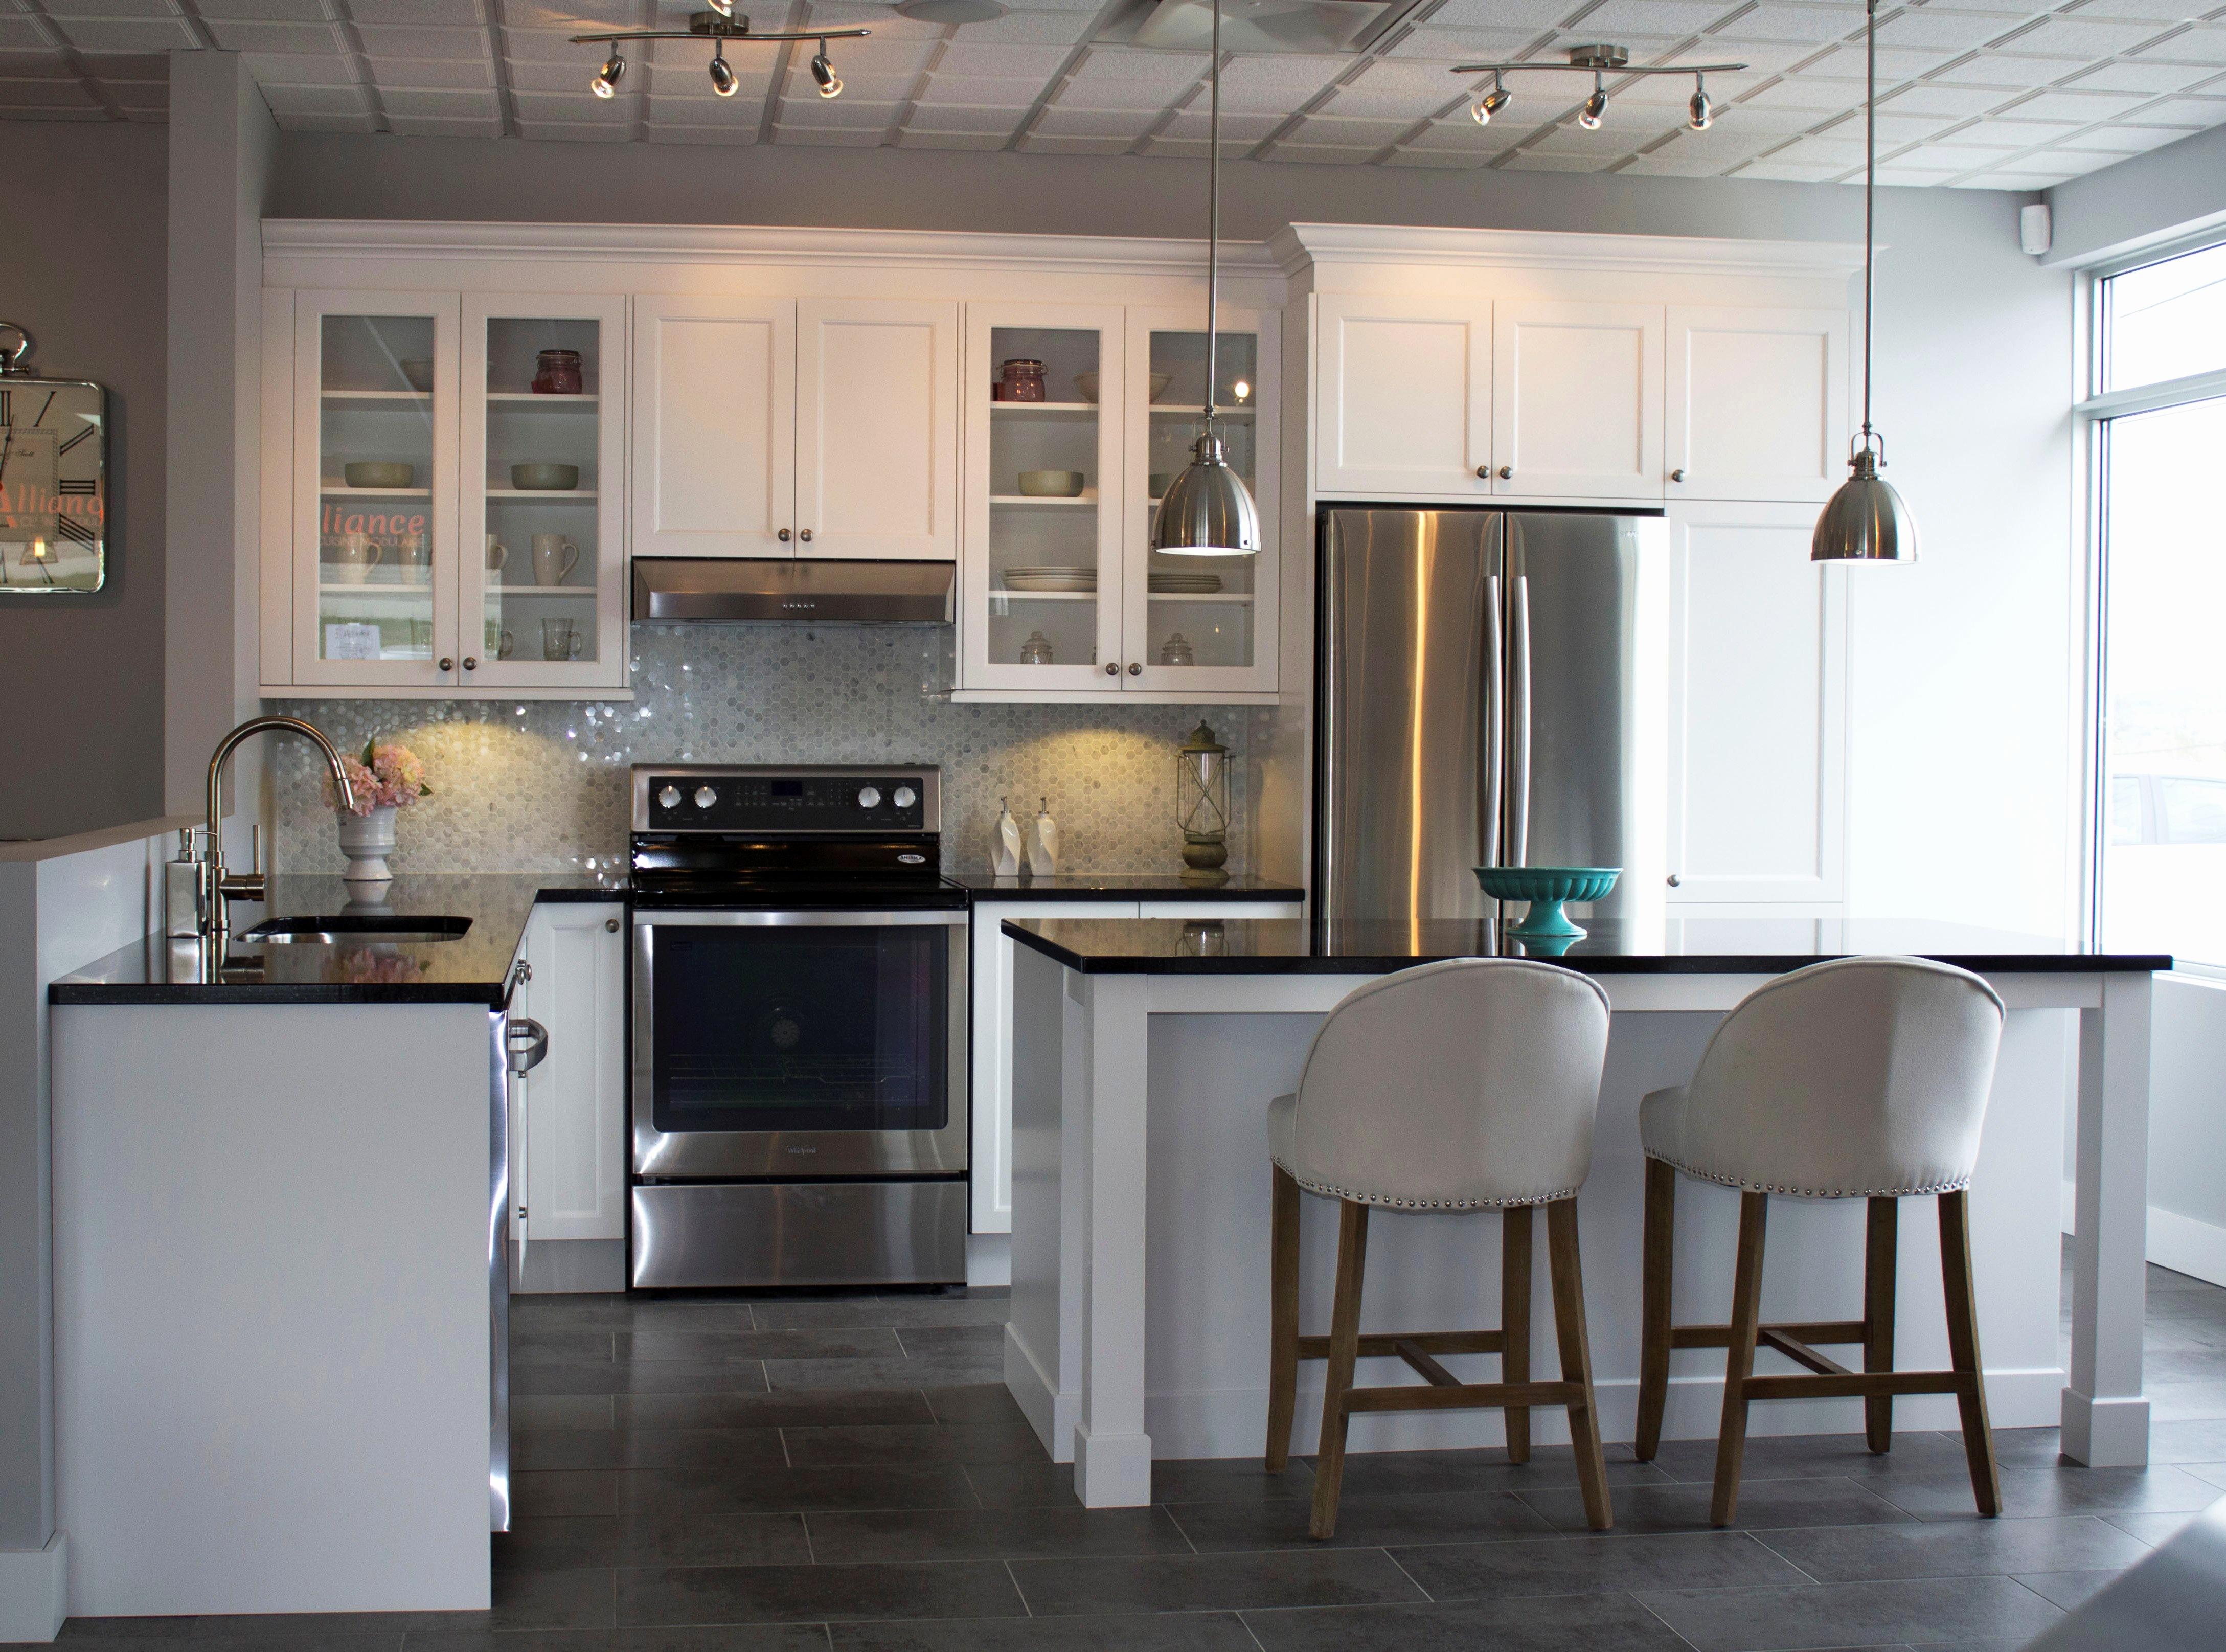 Cuisine Ikea Ringhult Blanc Brillant Avis Beau Image Ikea Ringhult Blanc Awesome Cuisine Ikea Gris Brillant Cuisine